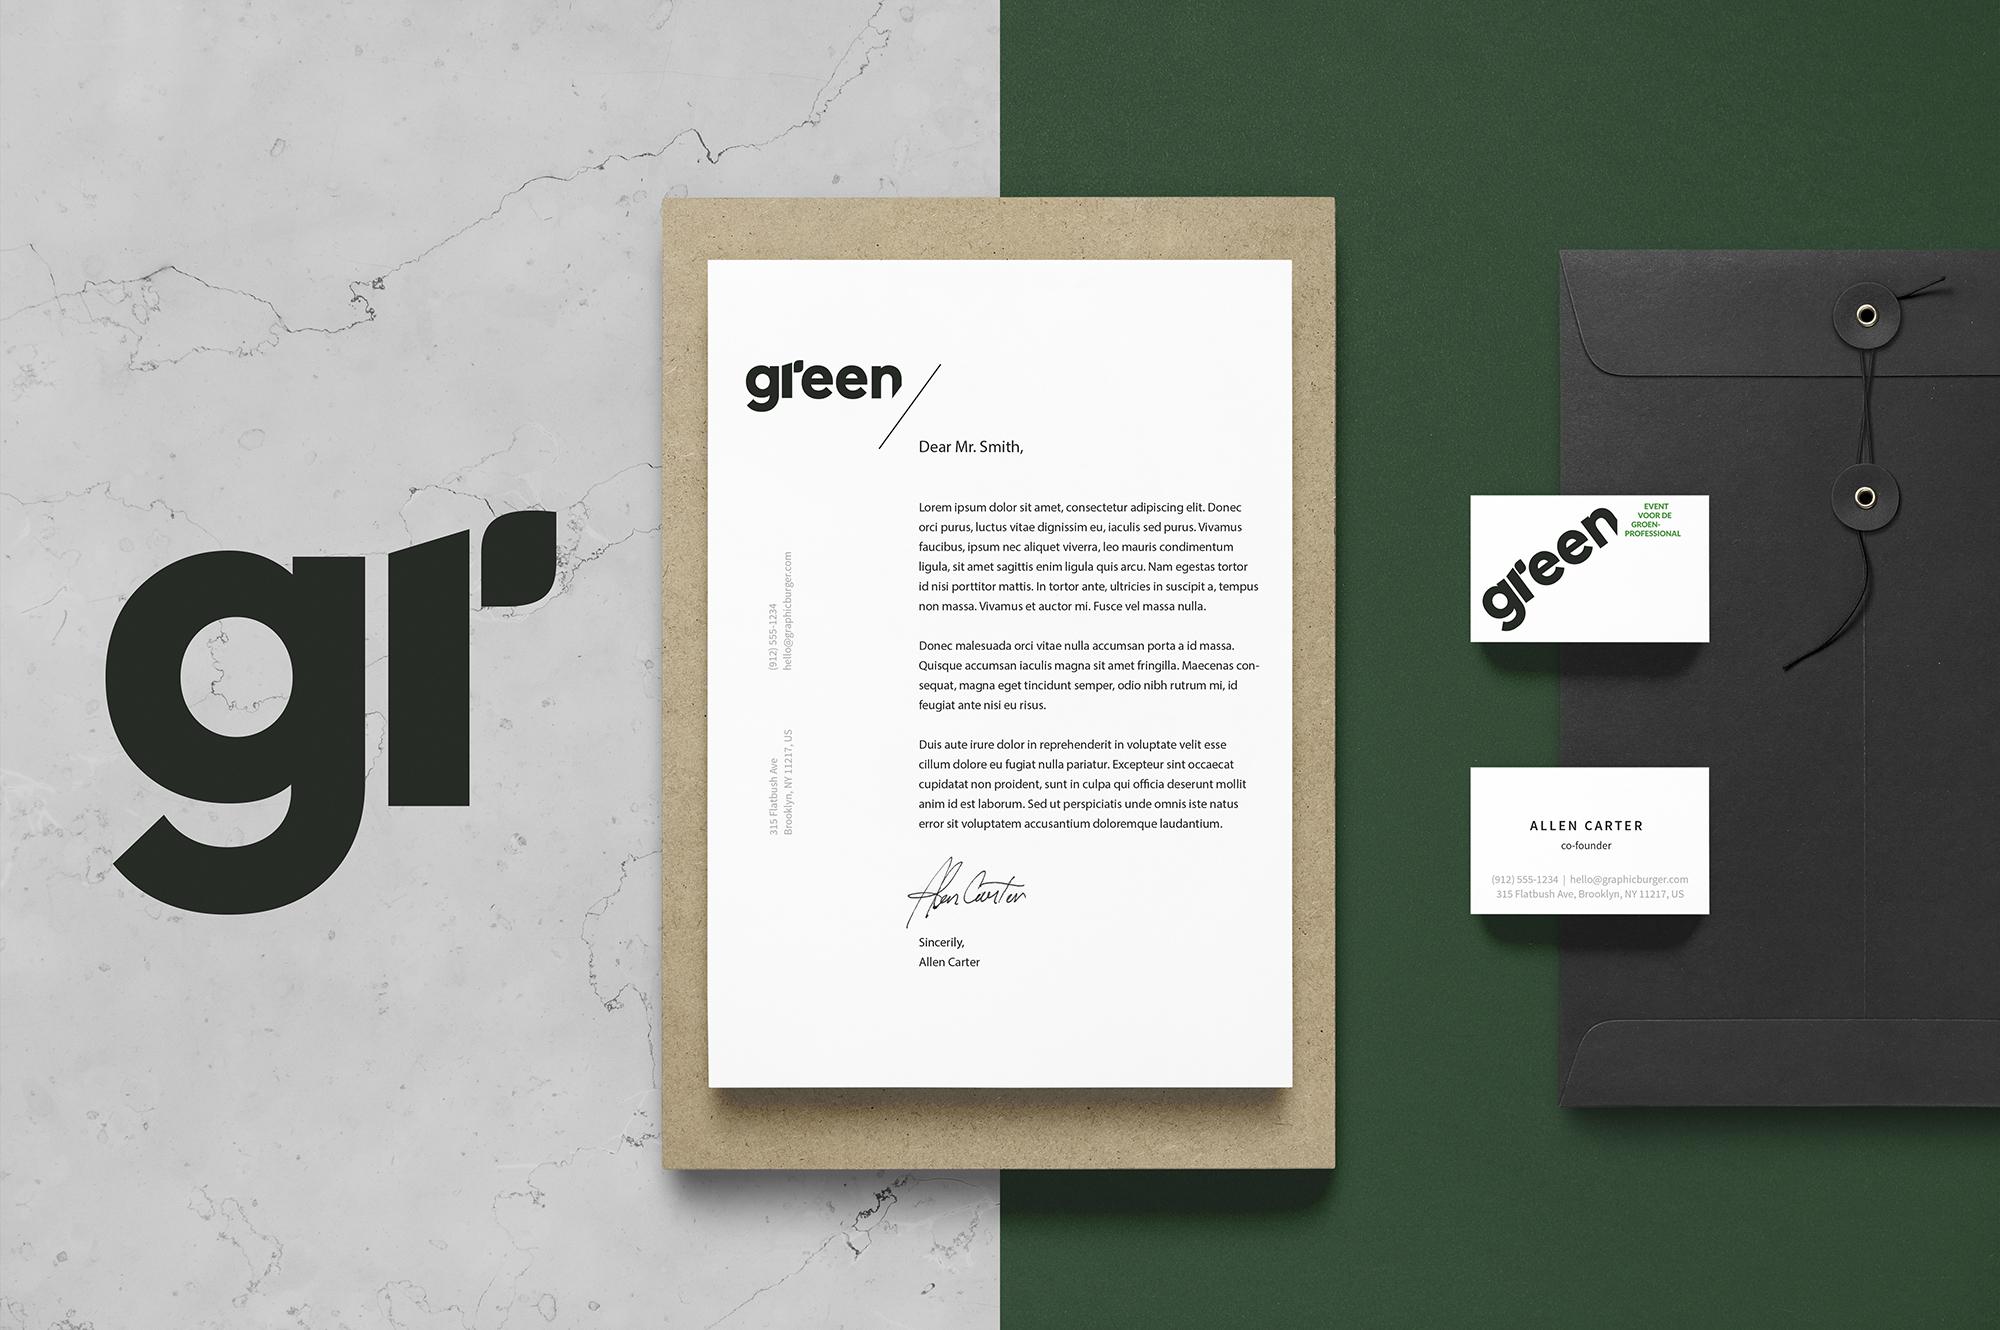 green expo